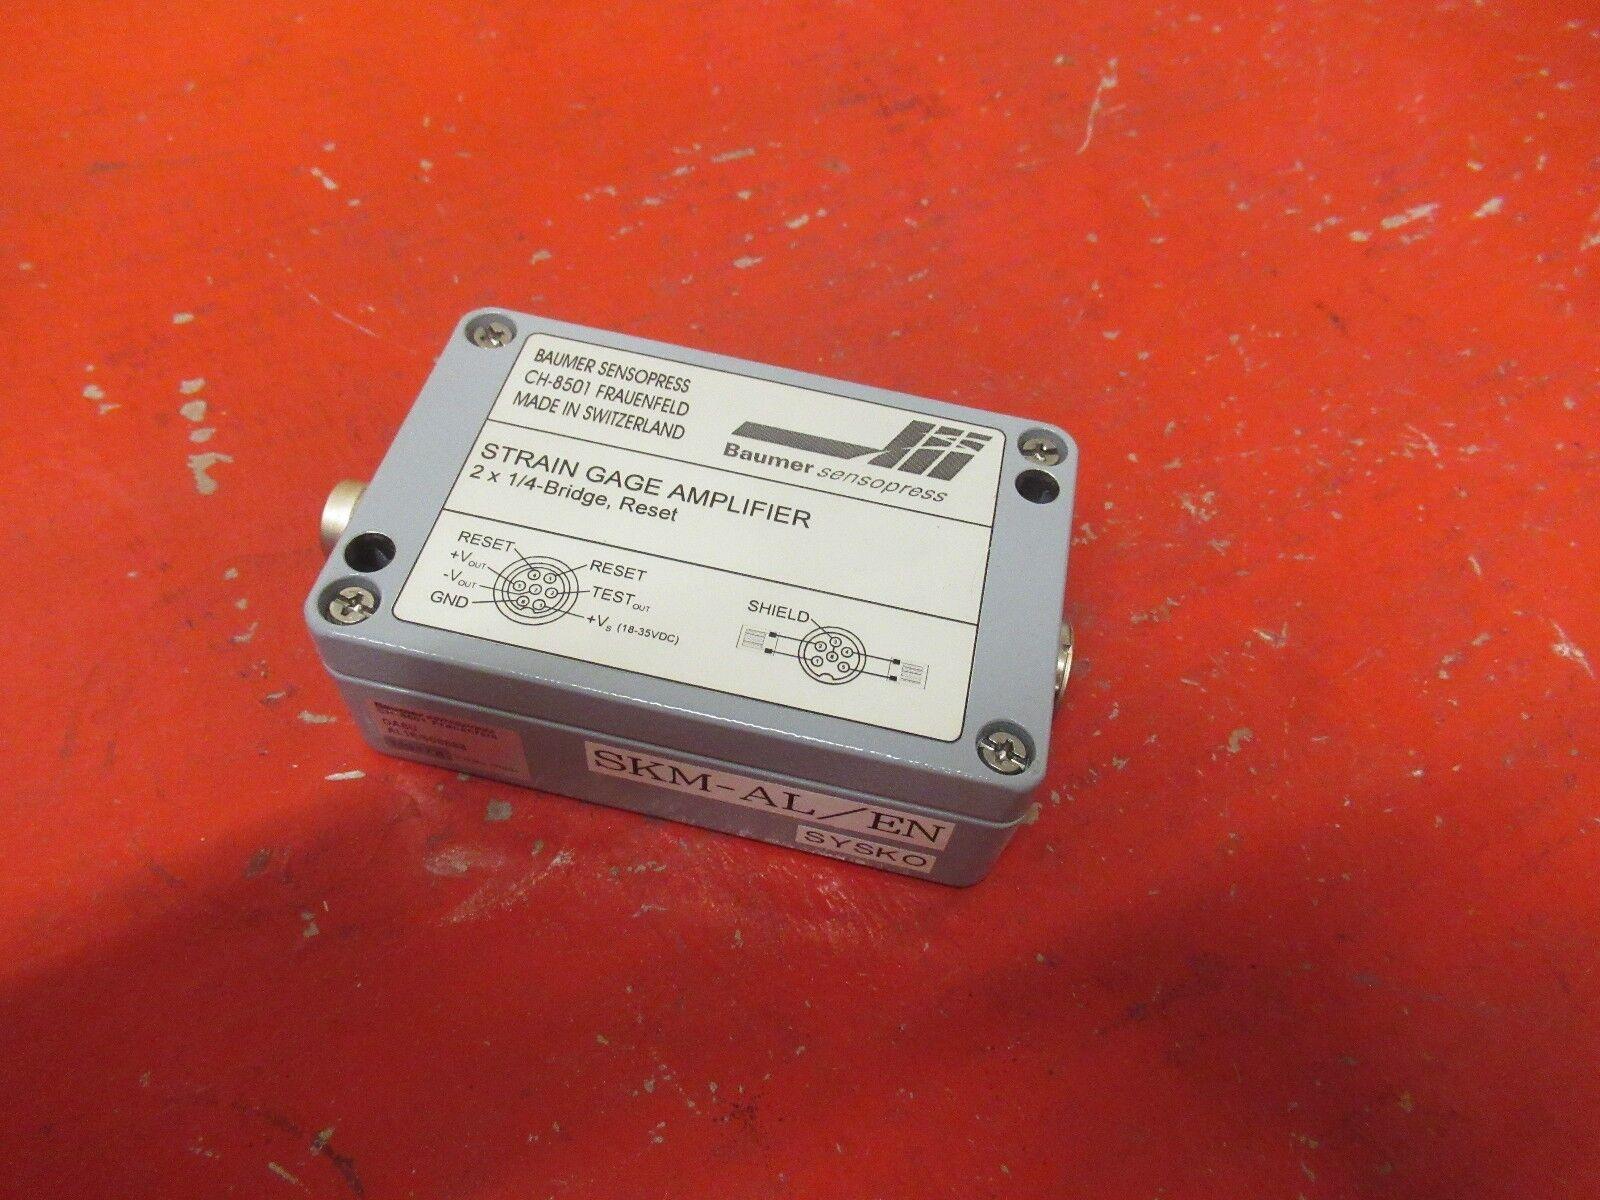 BAUMER STRAIN GAGE AMPLIFIER CH-8501 DABU AL1R 508688 2 X 1 4-BRIDGE, RESET USED